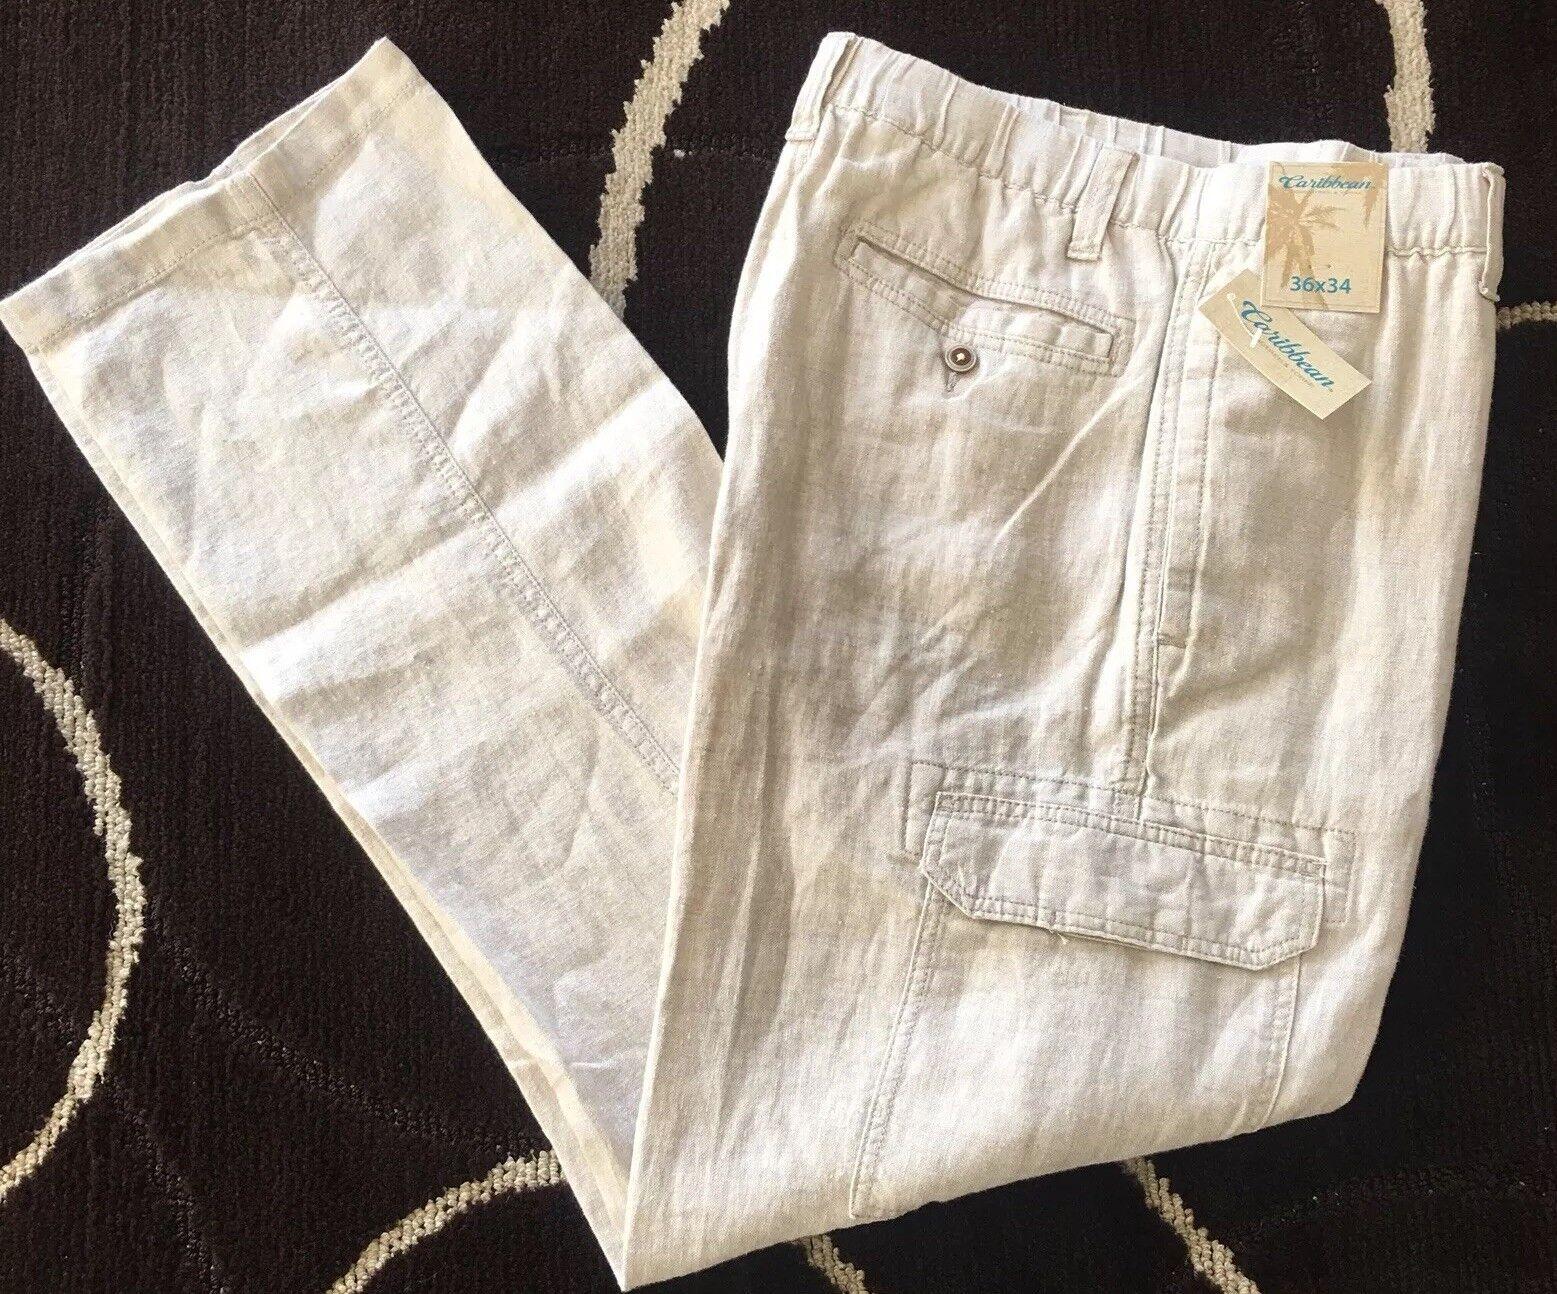 Caribbean Para Hombres Pantalones Cargo  natural 100% Lino 36x34 36 34 Nuevo con Etiquetas Ropa Playa  79+  barato y de moda